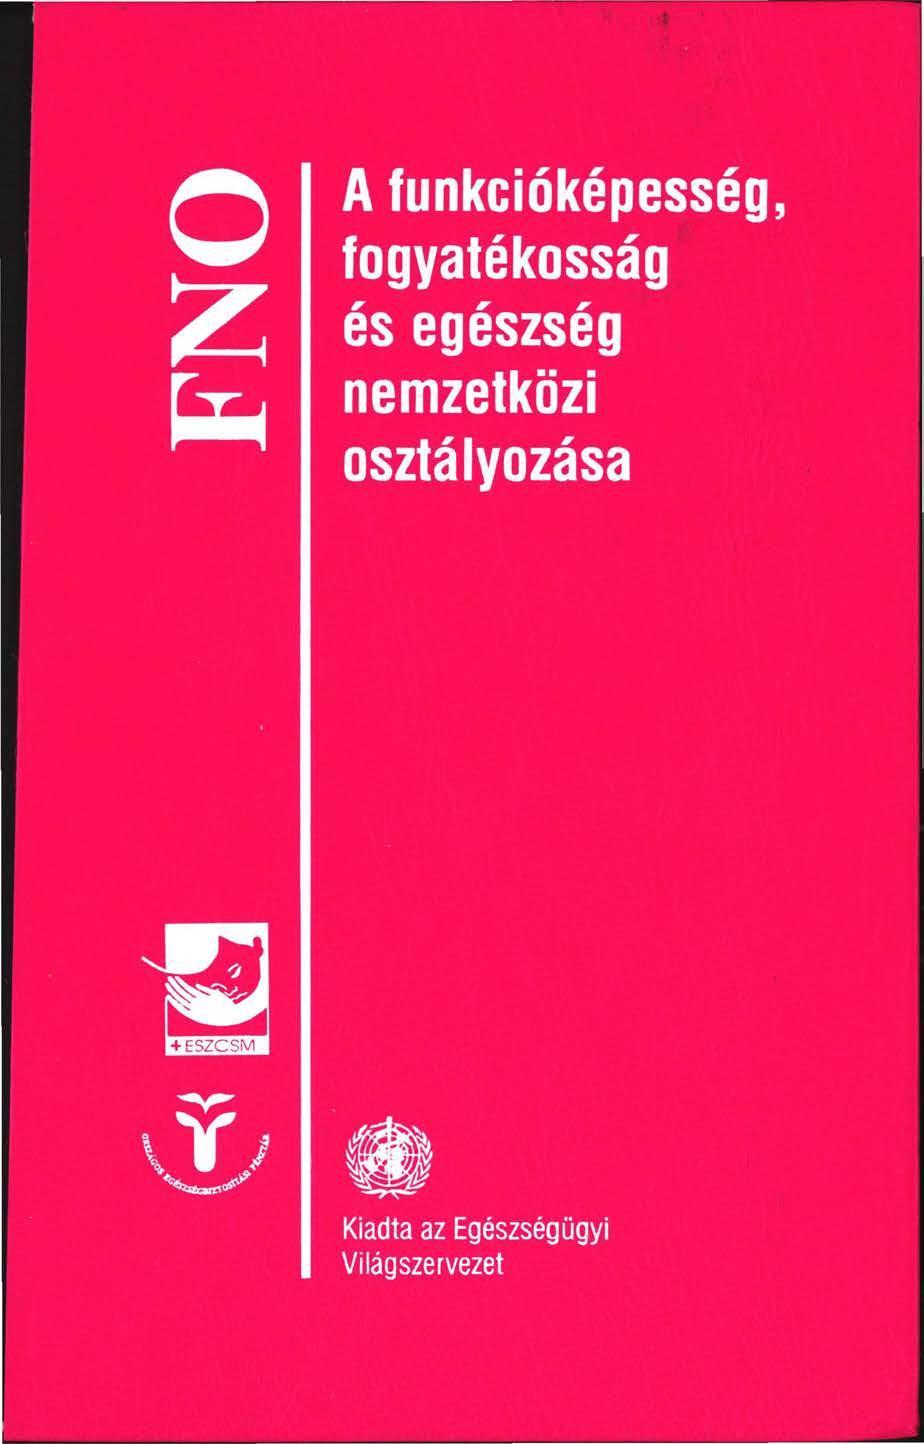 Tanulás egy életen át - Fresenius Medical Care